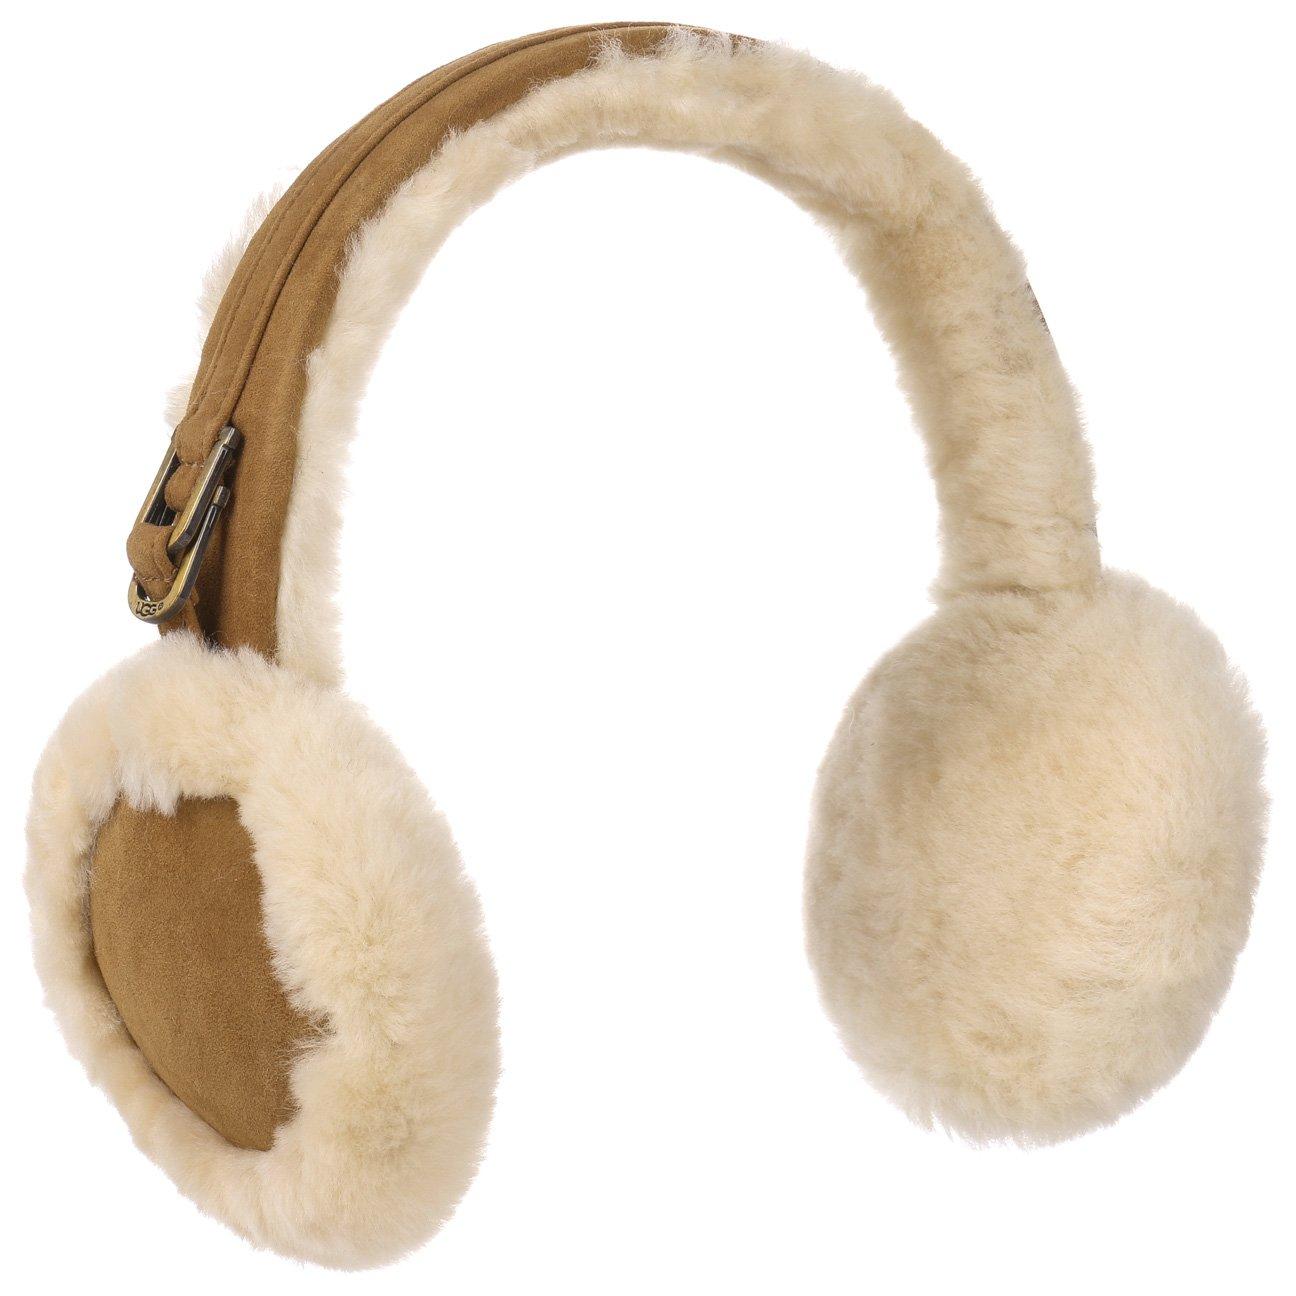 UGG Classic Sheepskin Ohrenschützer Ohrenwärmer mit Bügel Ohrenschutz Ohrenschutz Ohrenwärmer